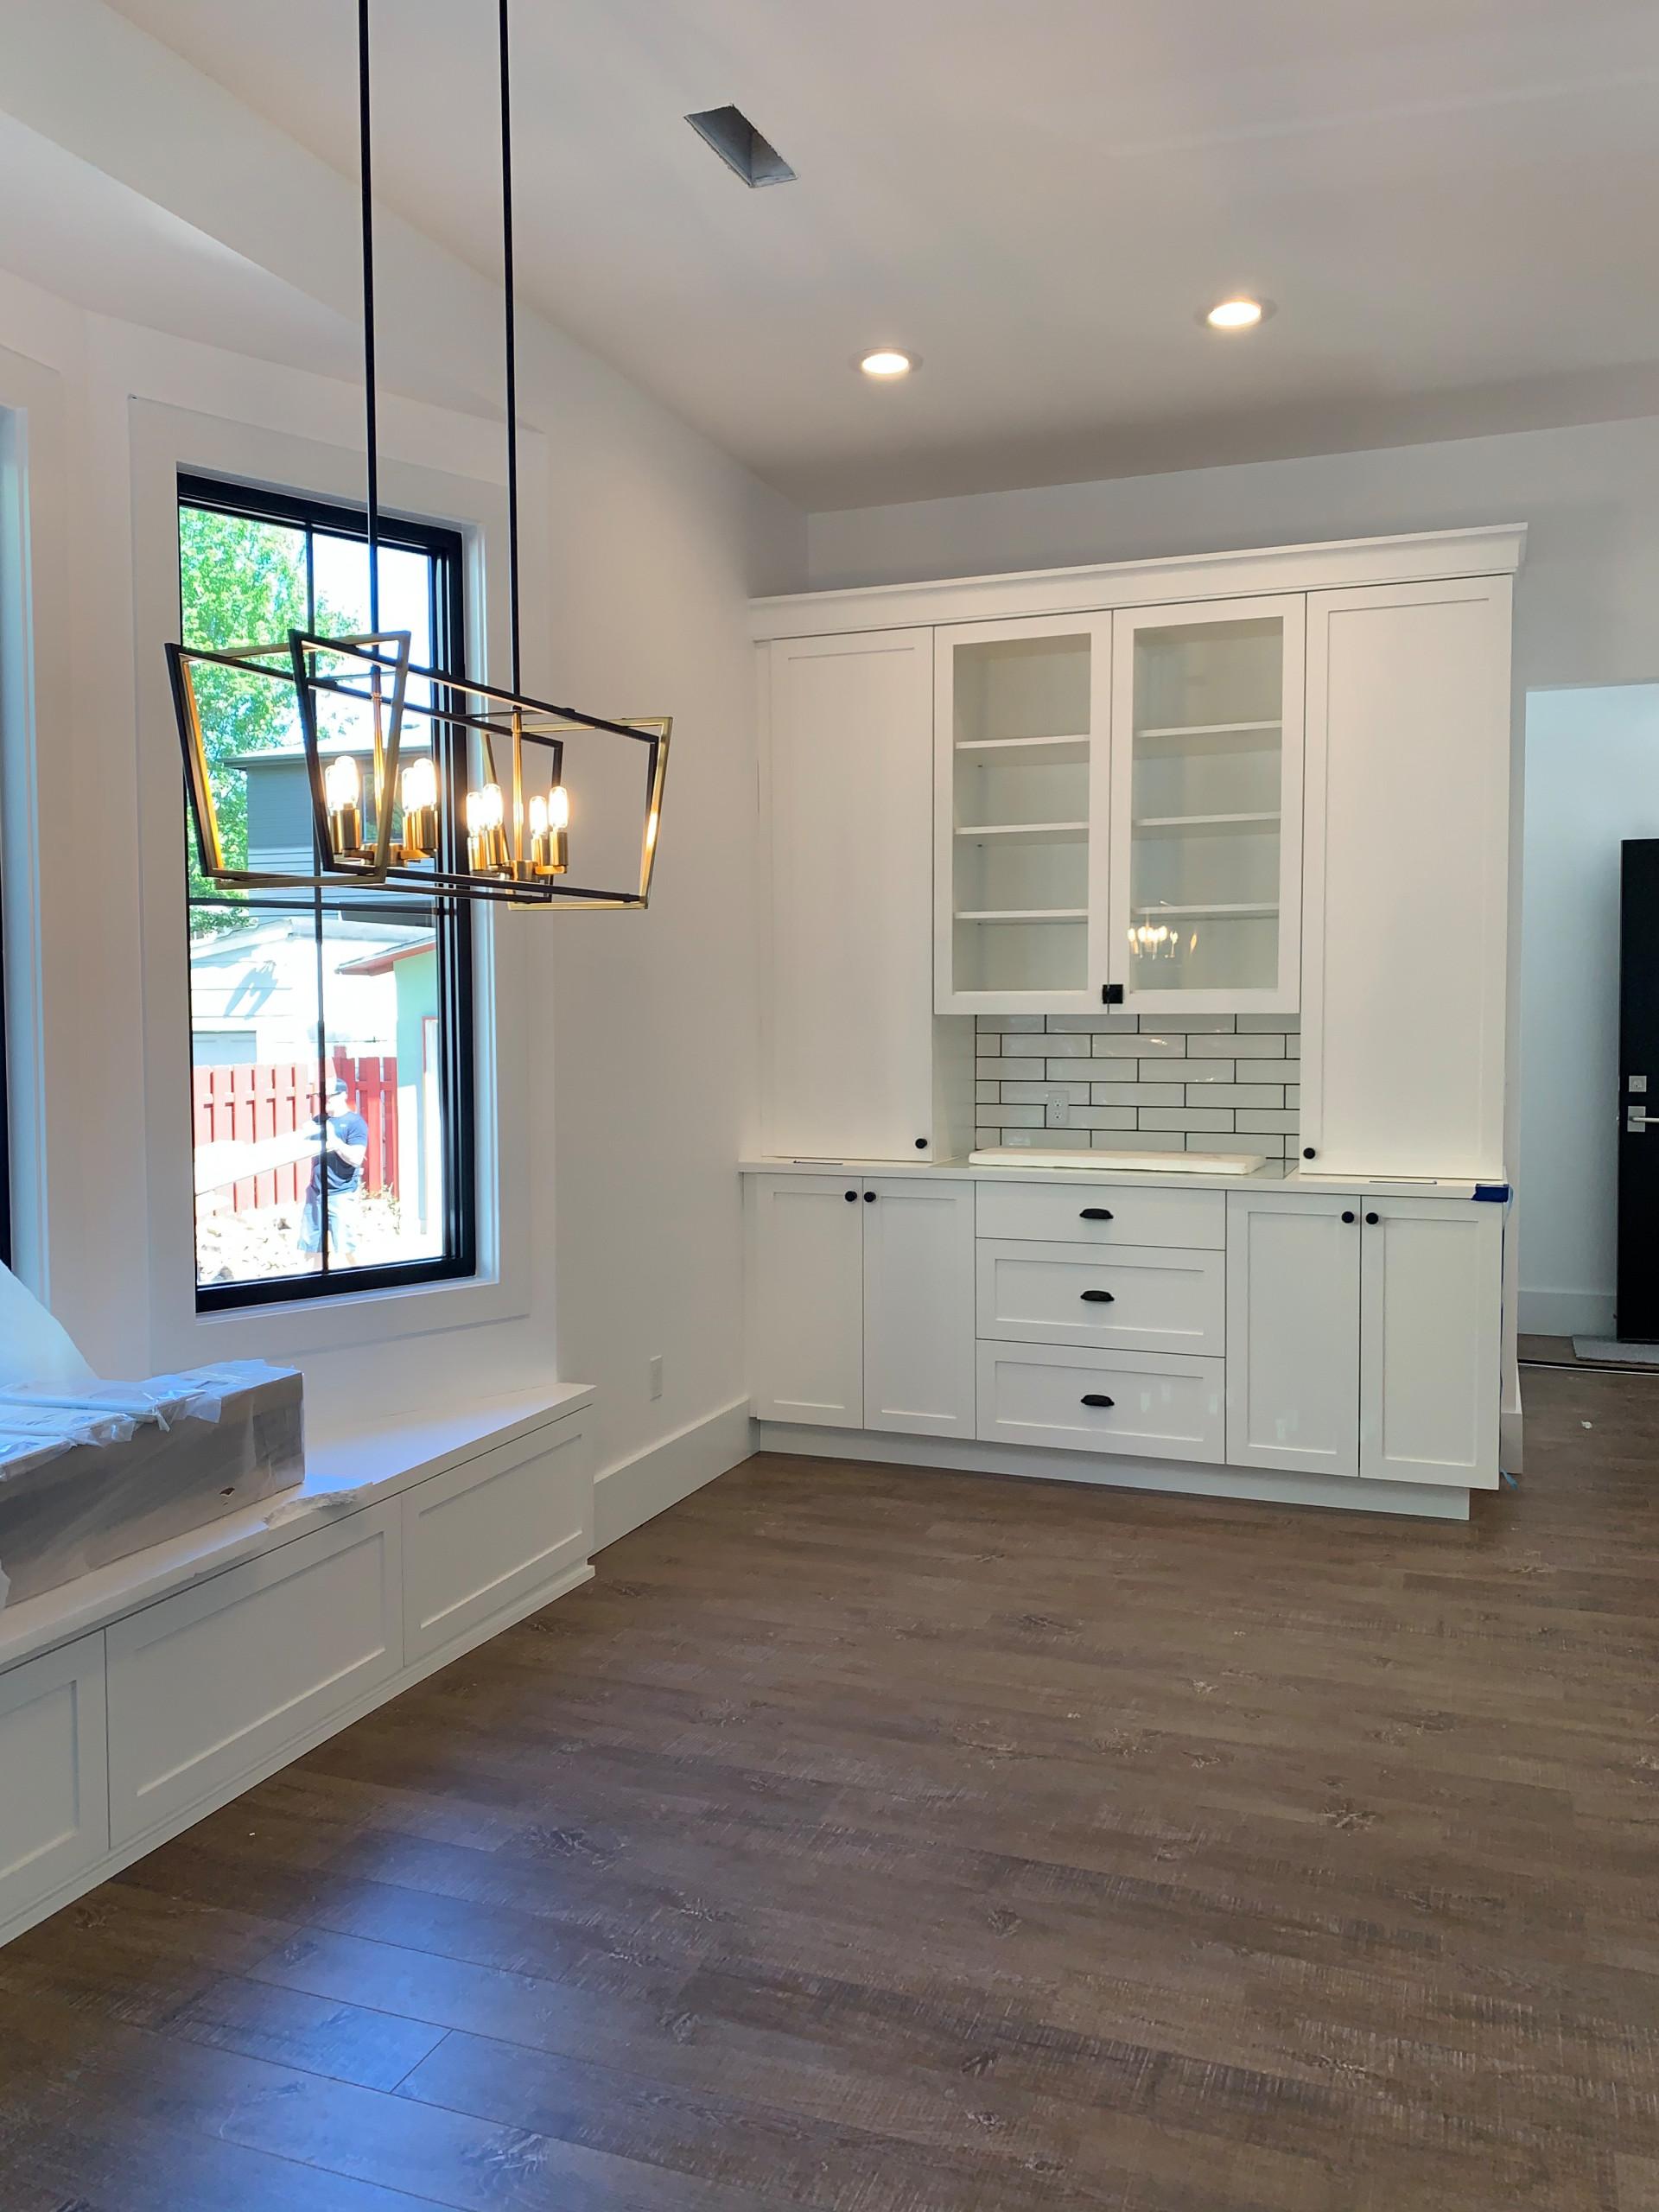 Laurelhurst Whole Home Remodel